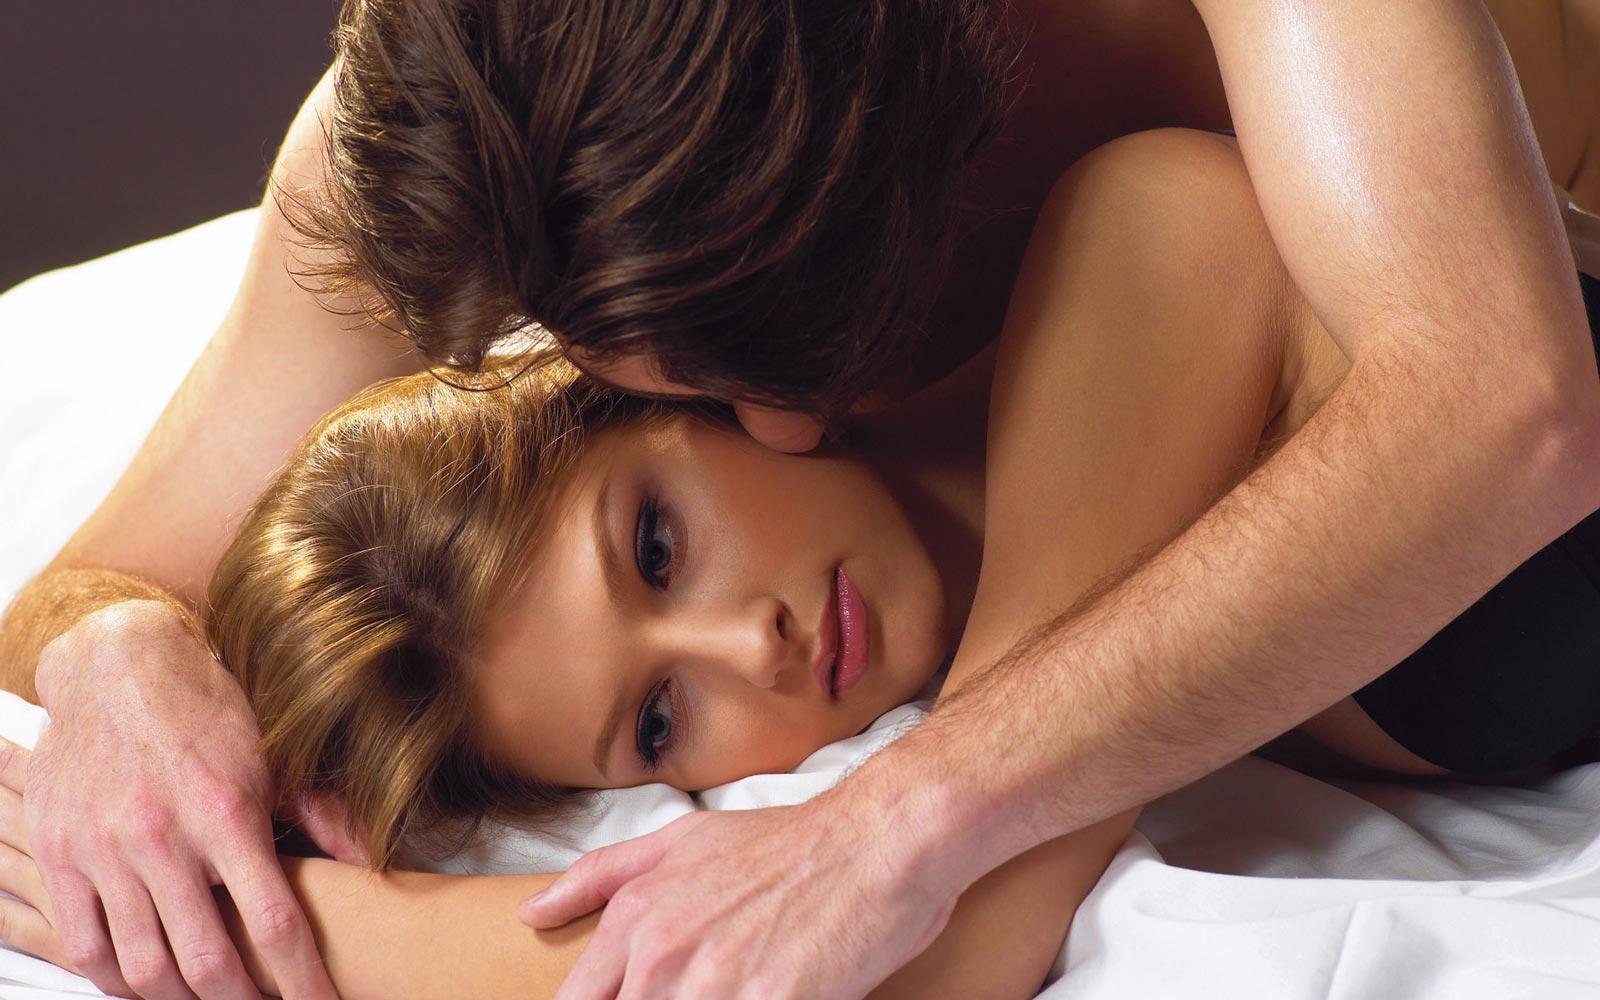 4 female sex secrets that a man should know